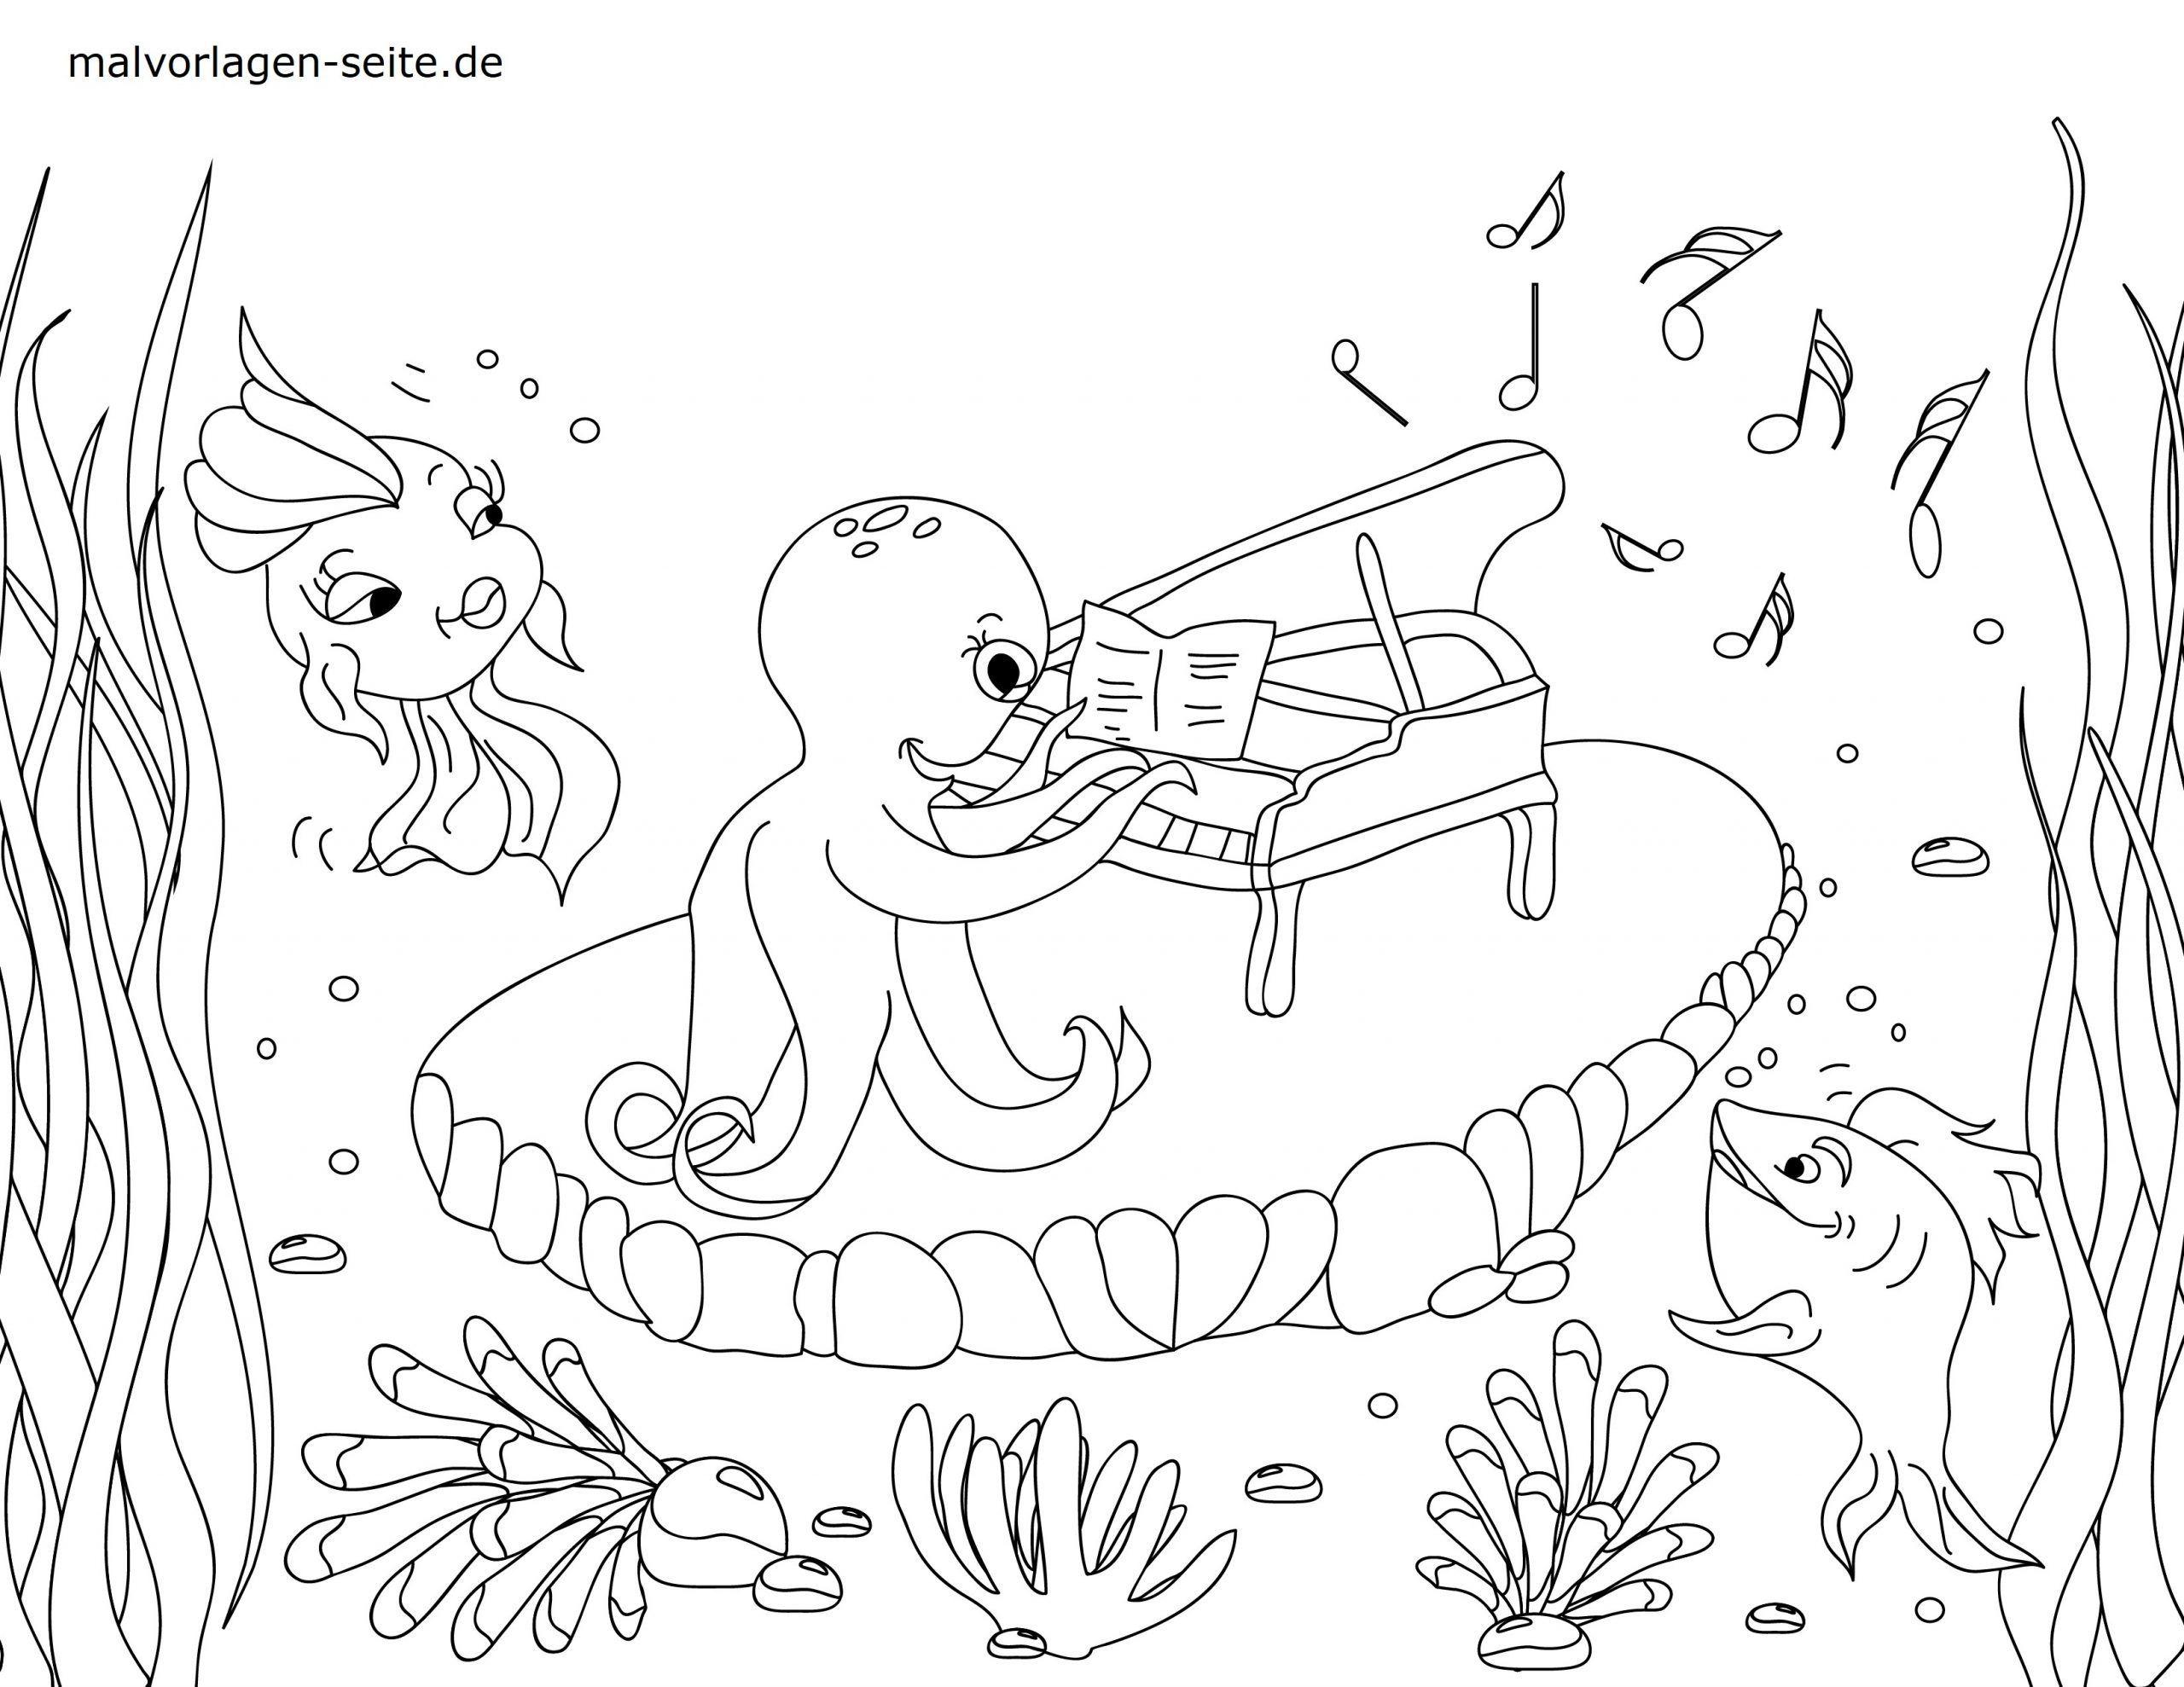 Malvorlagen Unterwassertiere in 7  Unterwasser tiere, Tiere